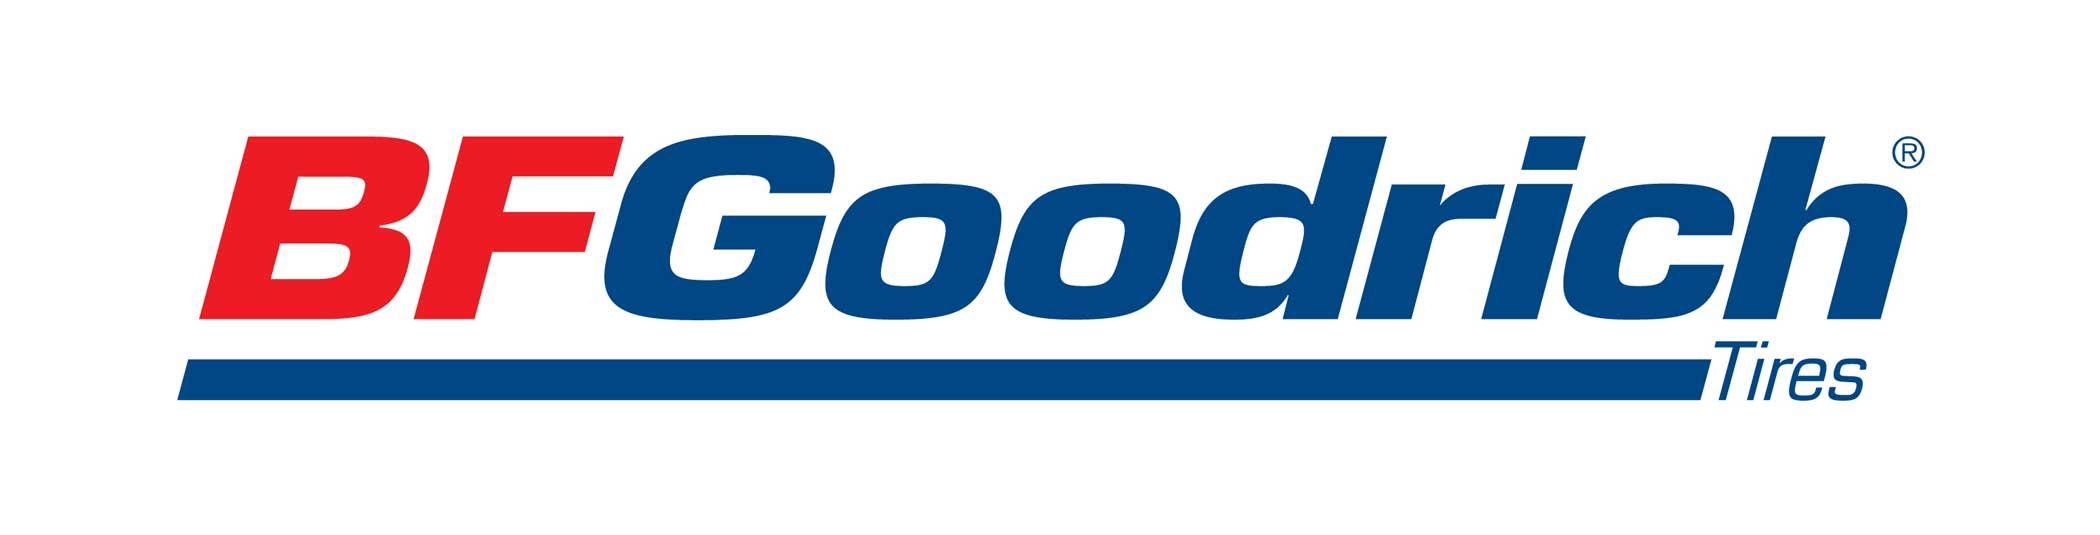 BF Goodrich Tyre | Northside Bull Bars | Northside Lift Kit | Northside Wheel & Tyre | Tyre Shops Near Me | NORTHSIDE #1